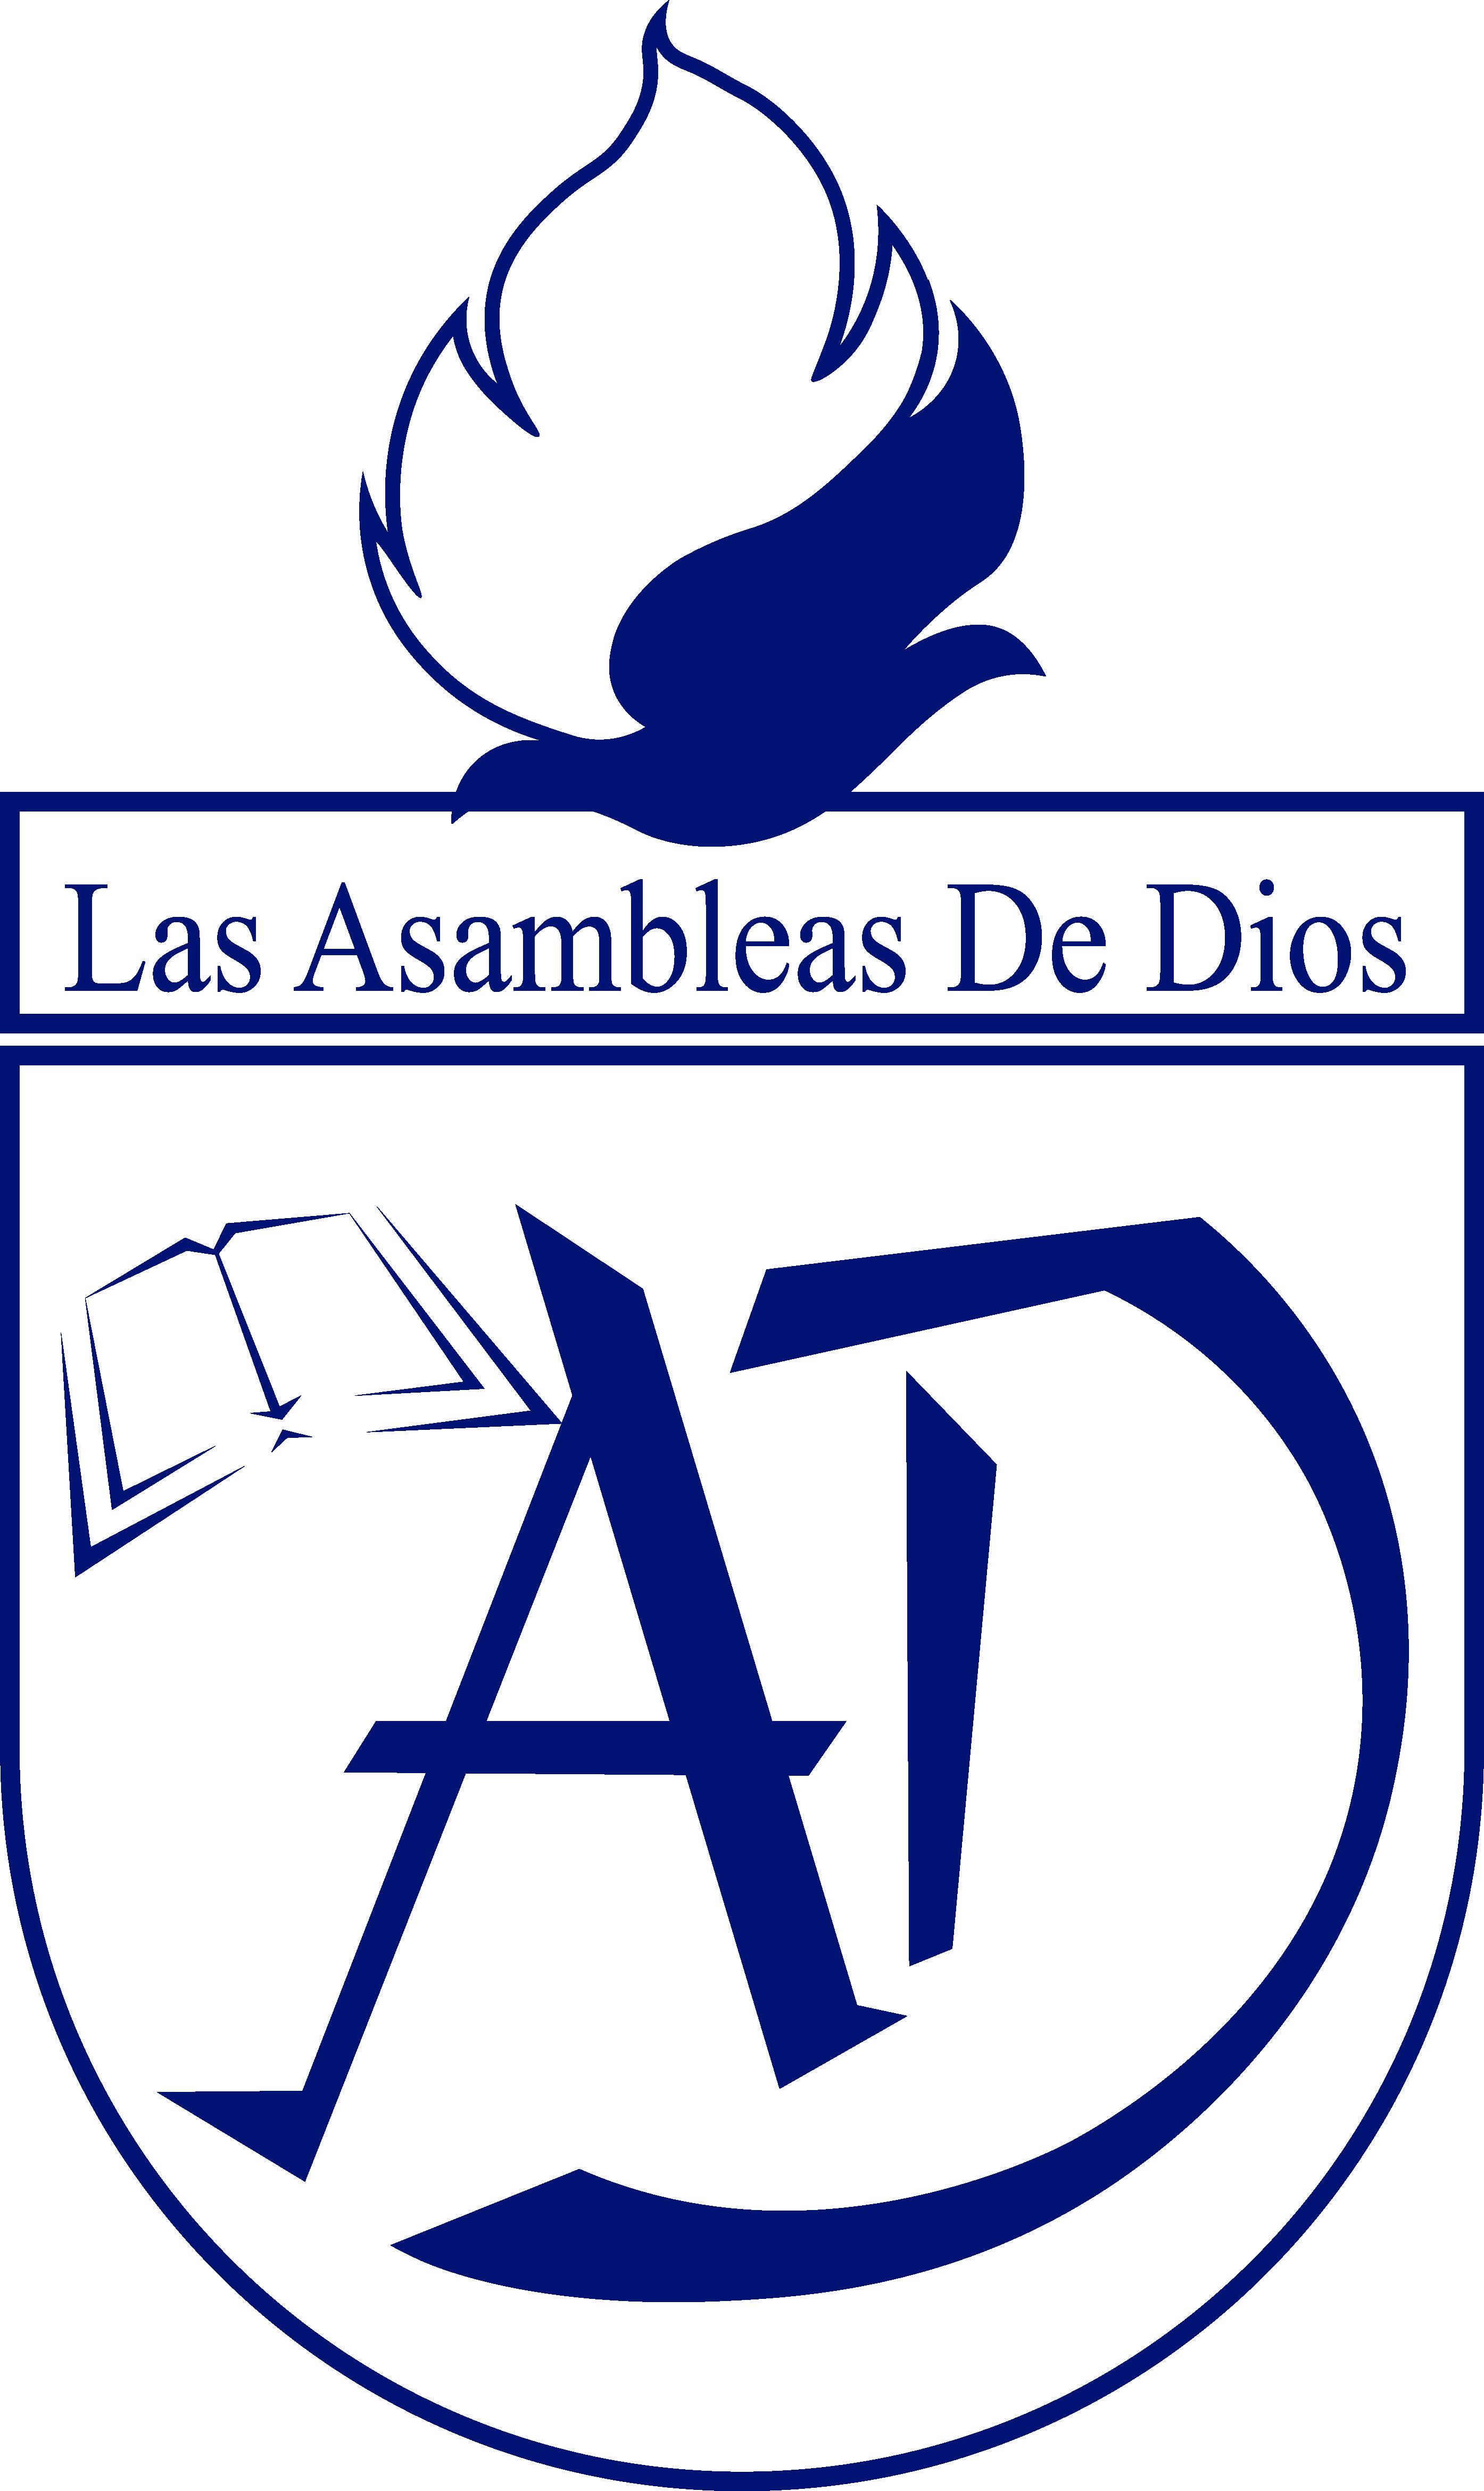 File:Escudo Completo (Las Asambleas De Dios).png - Logo Asambleas De Dios PNG